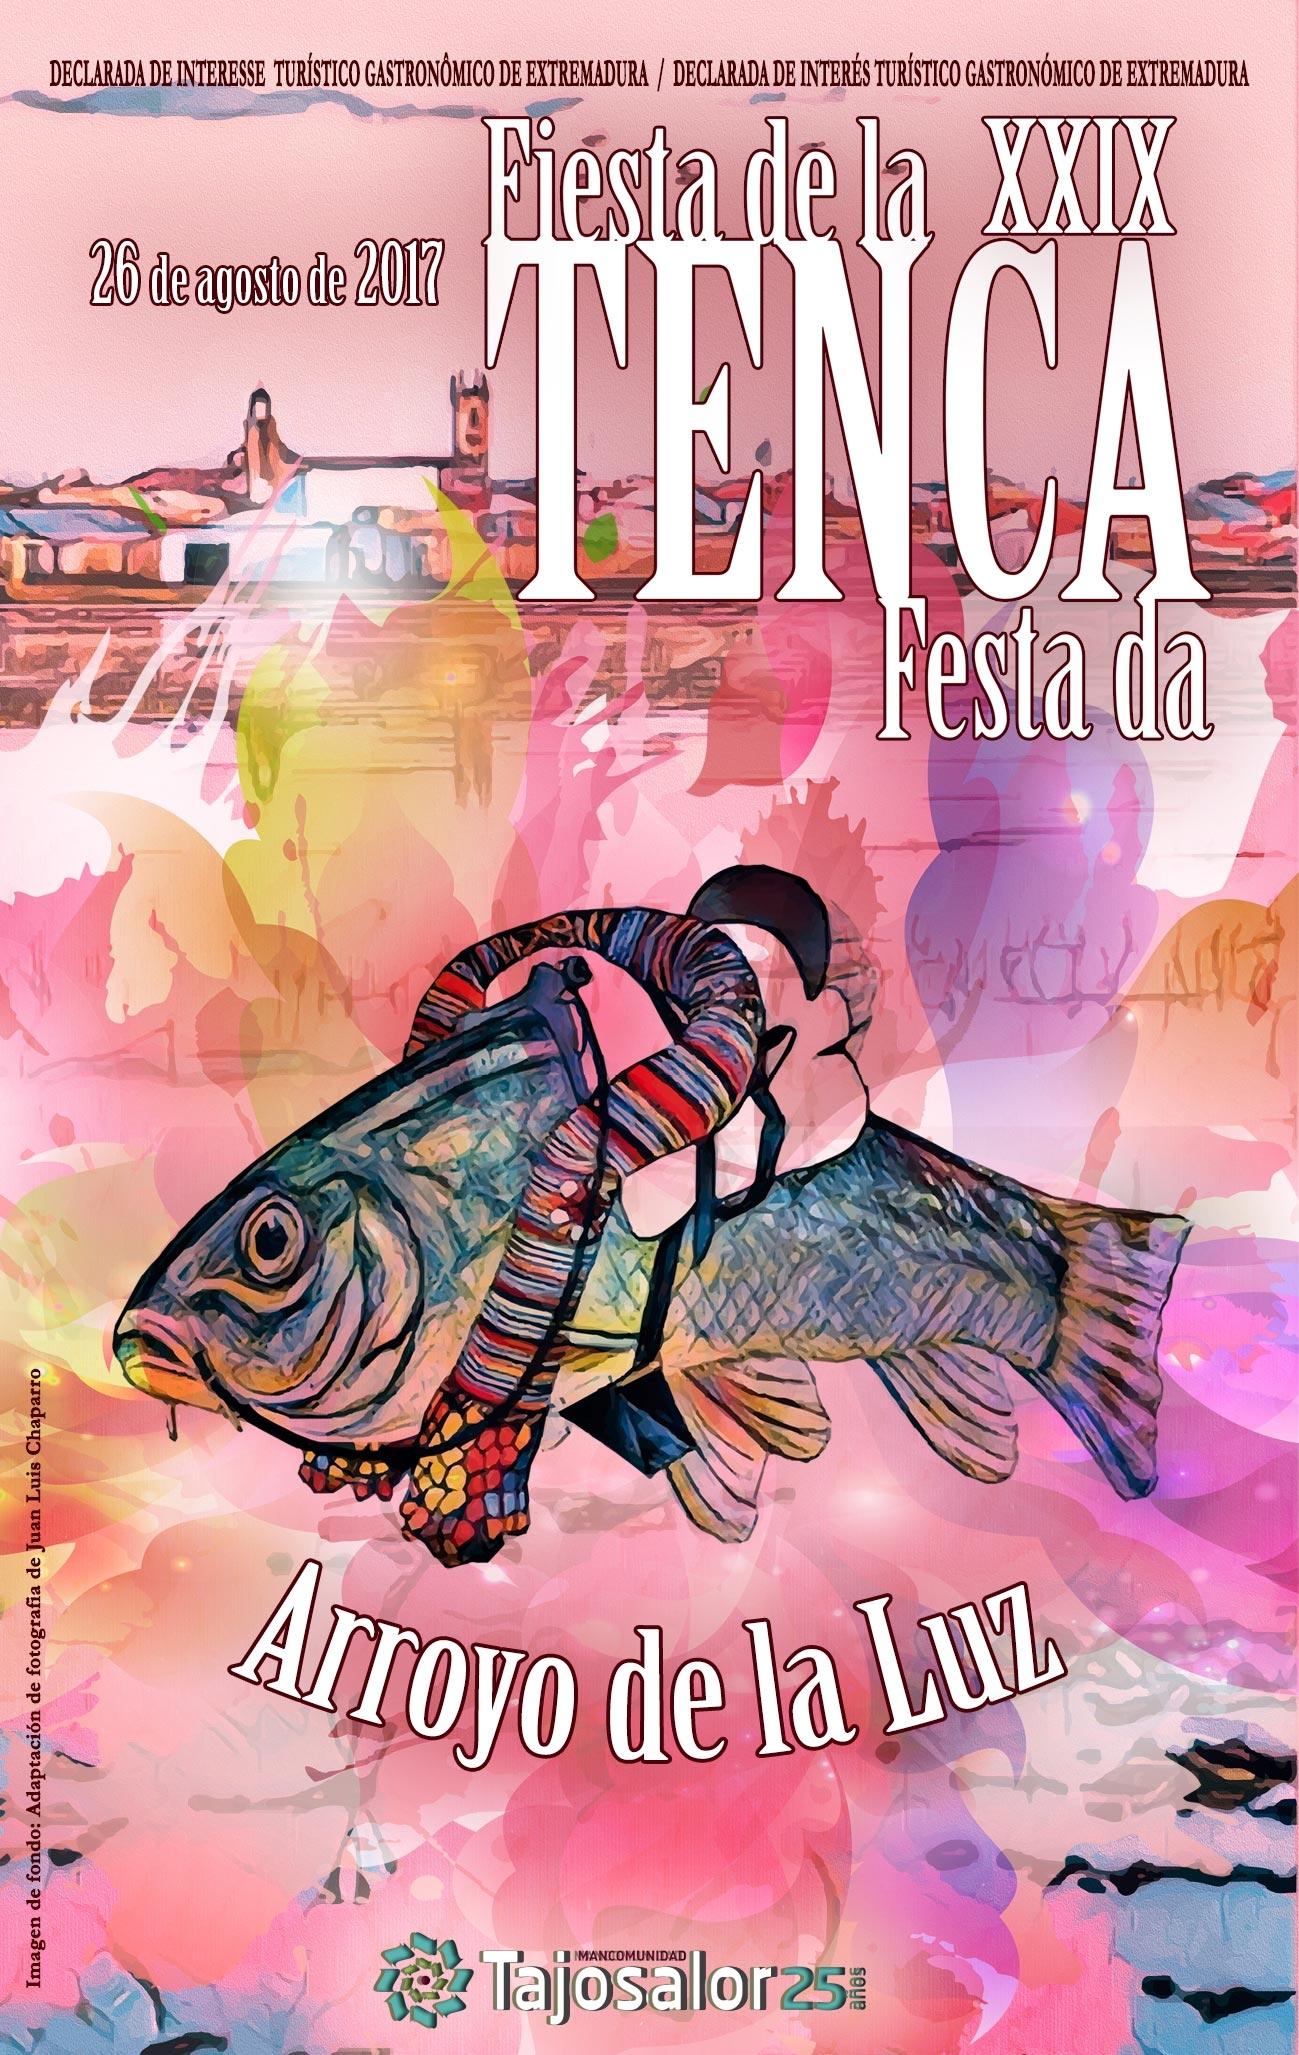 XXIX Fiesta de la Tenca // Festa da Tenca